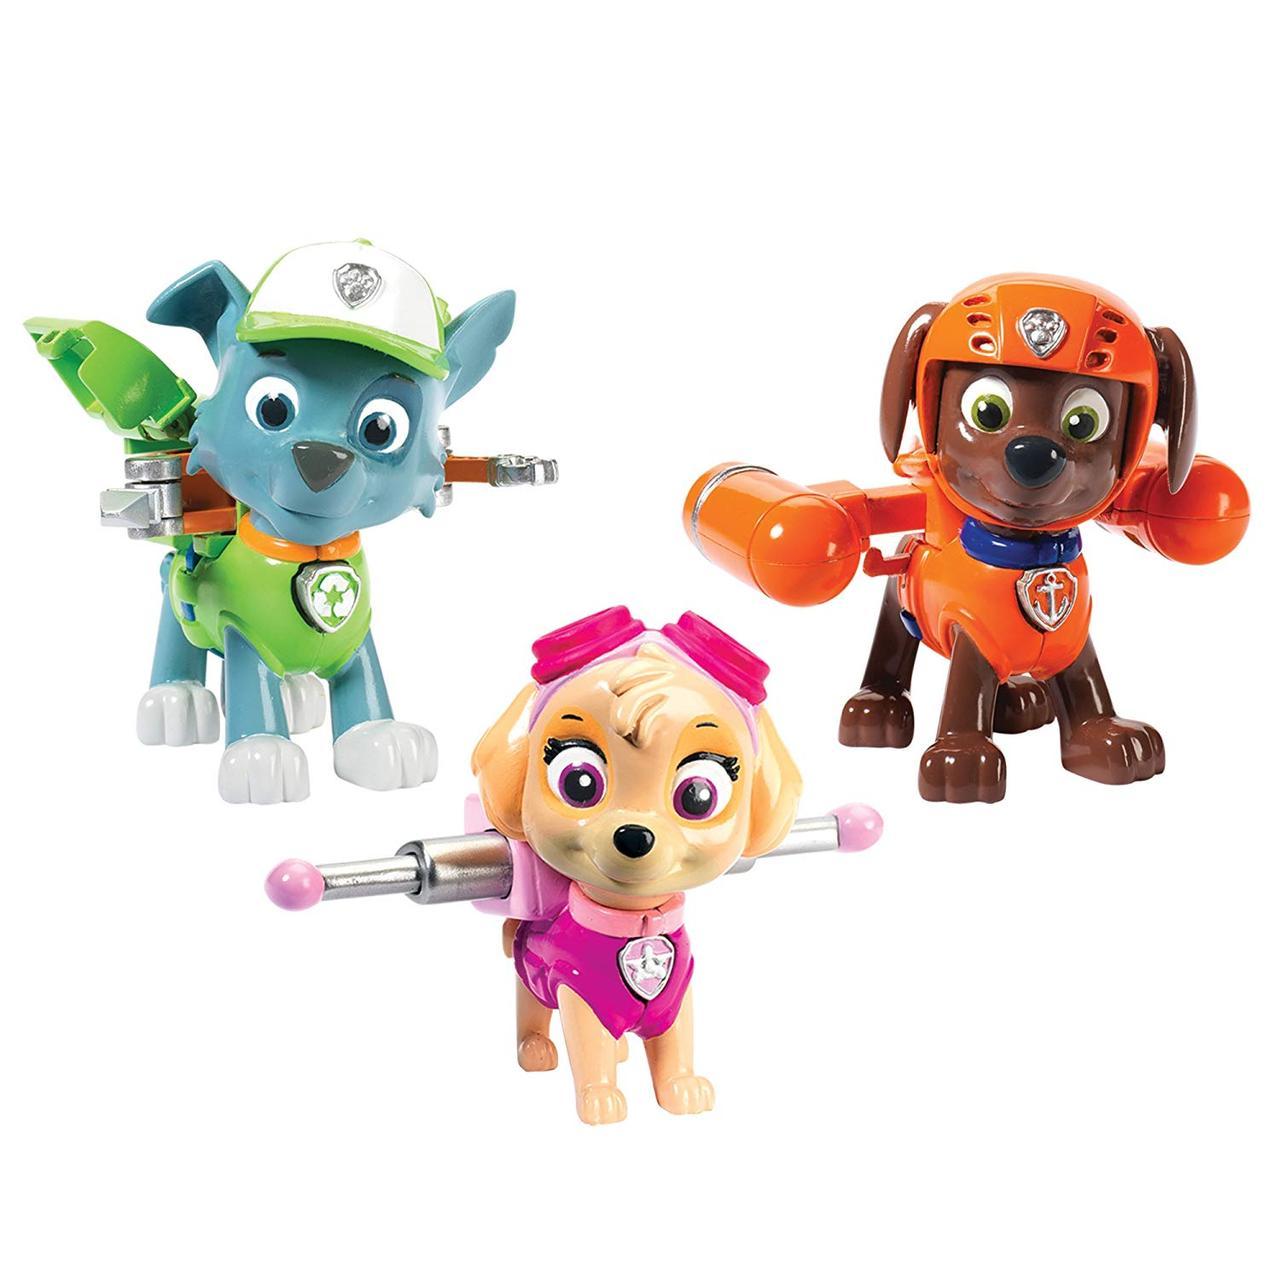 Игрушка Щенячий патруль Скай, Рокки, Зума Paw Patrol Action Pack Pups Figure Set, 3pk, Skye, Zuma, Rocky